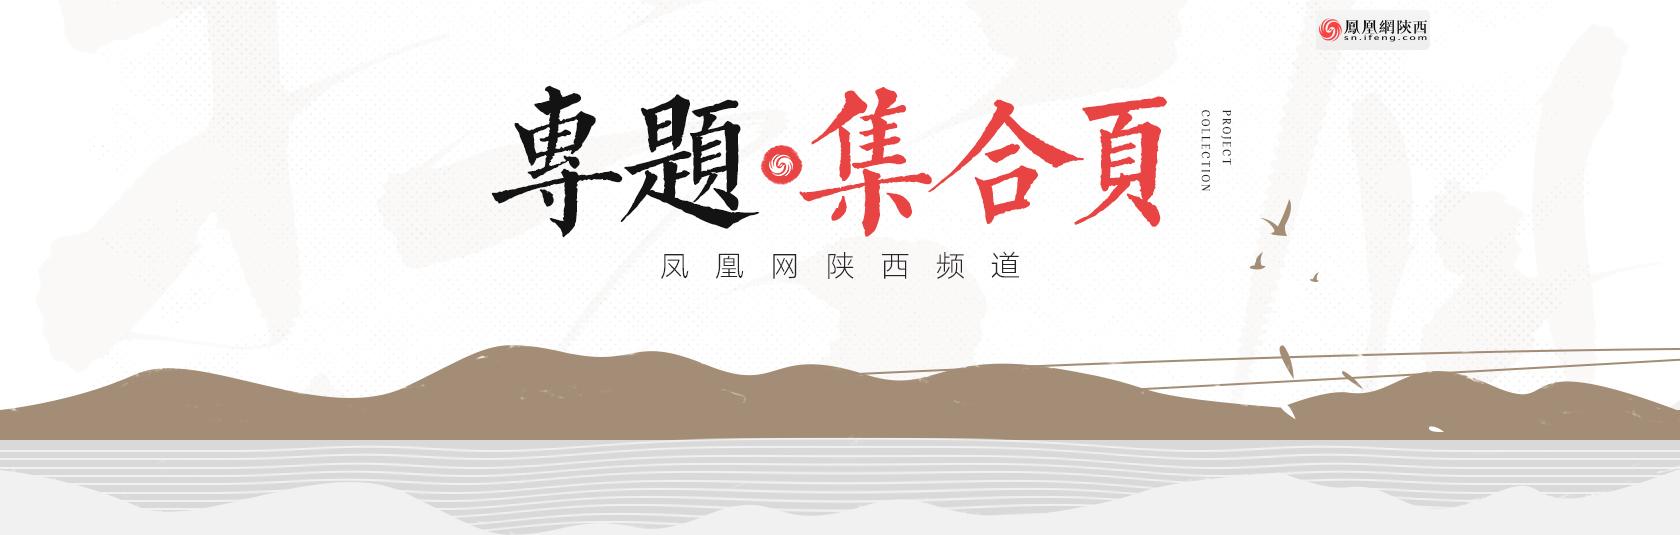 专题频道banner